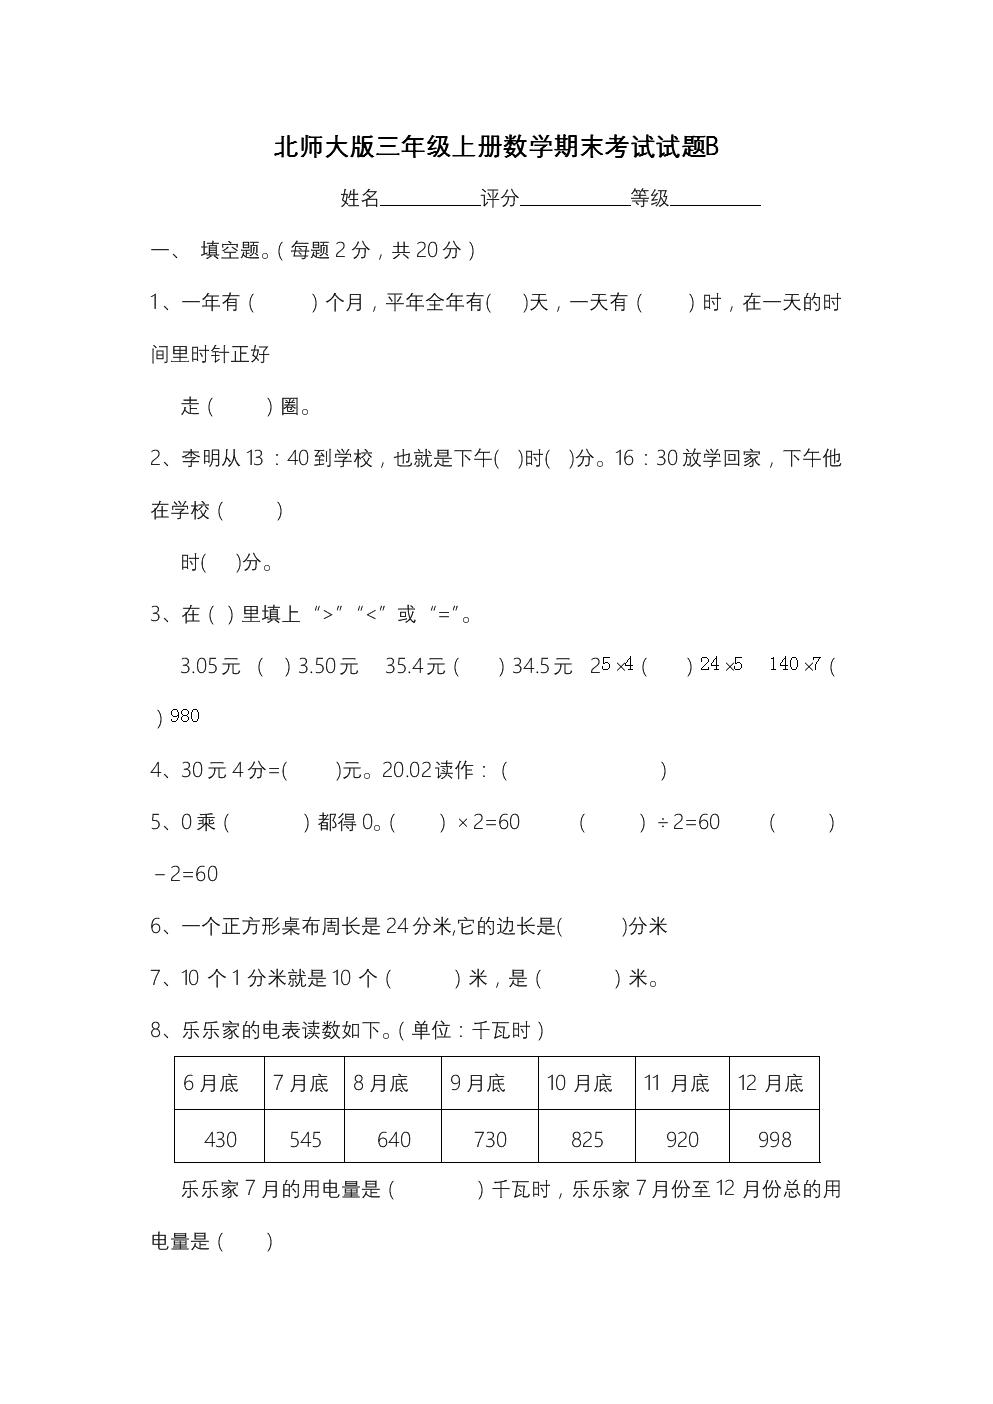 北师大版三年级上册数学期末考试试题B.docx